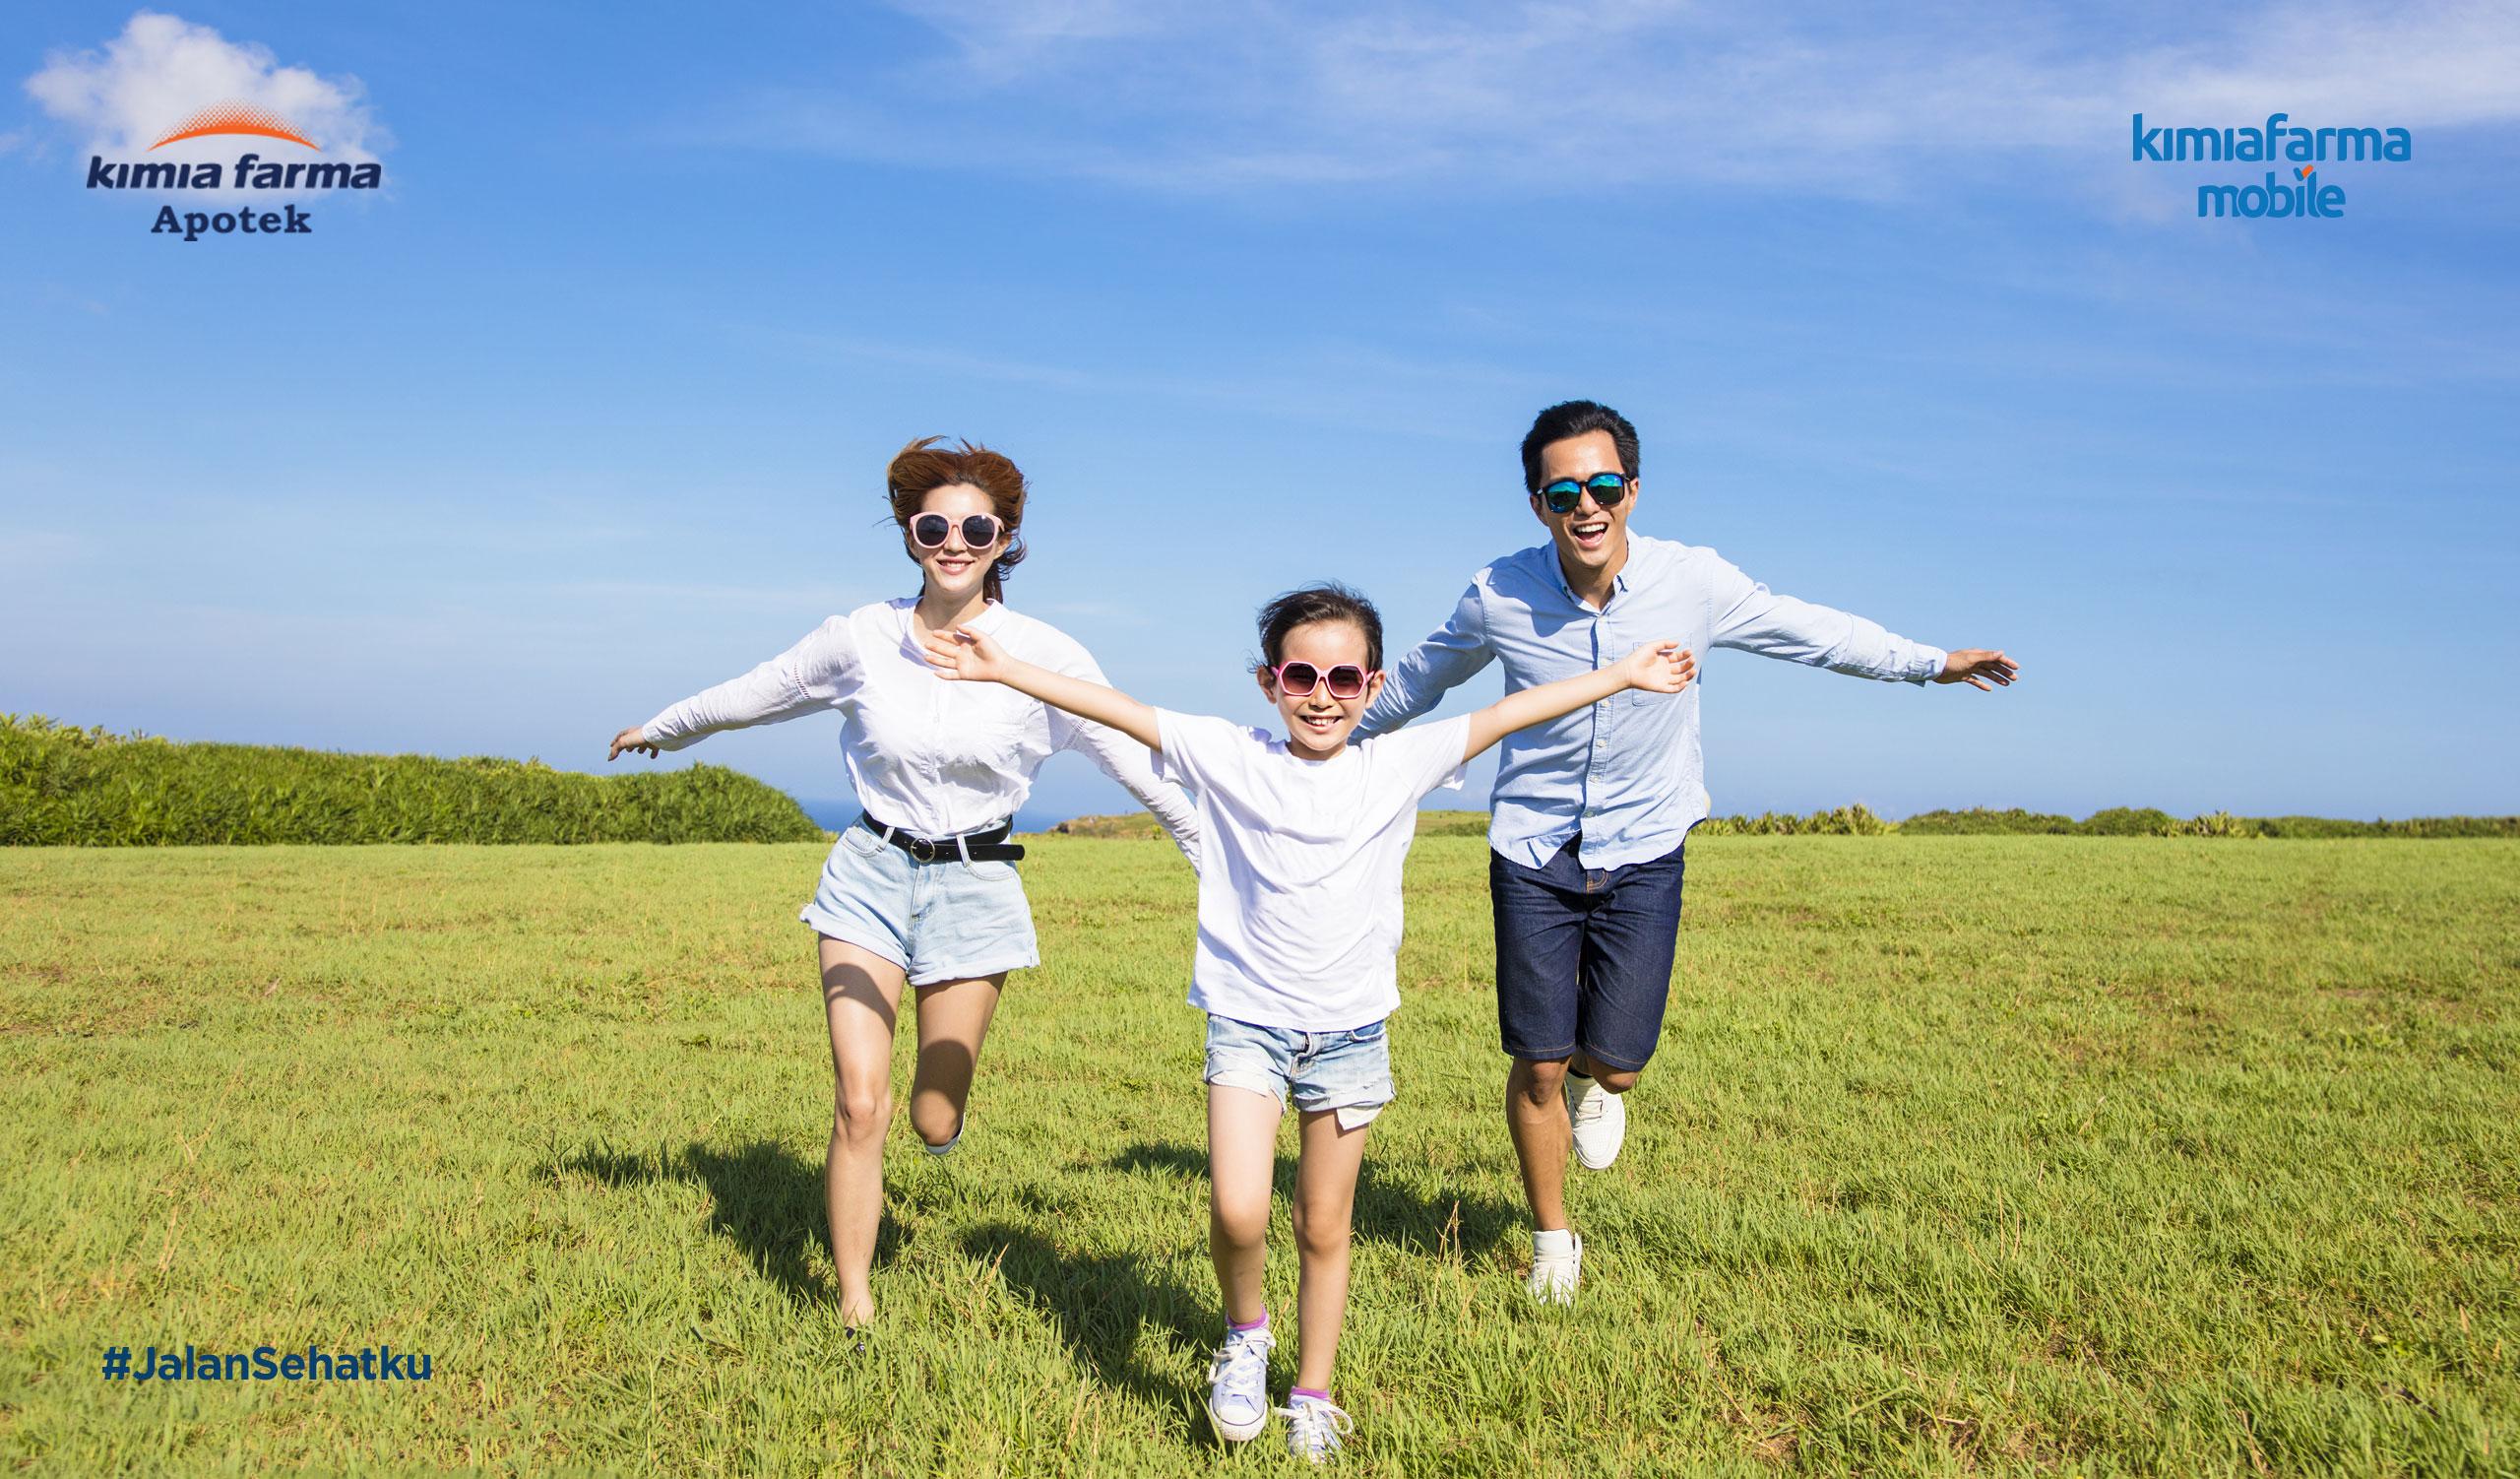 Kenali 4 Hormon Kebahagiaan dan Cara Meningkatkannya untuk Bantu Jaga Kesehatan